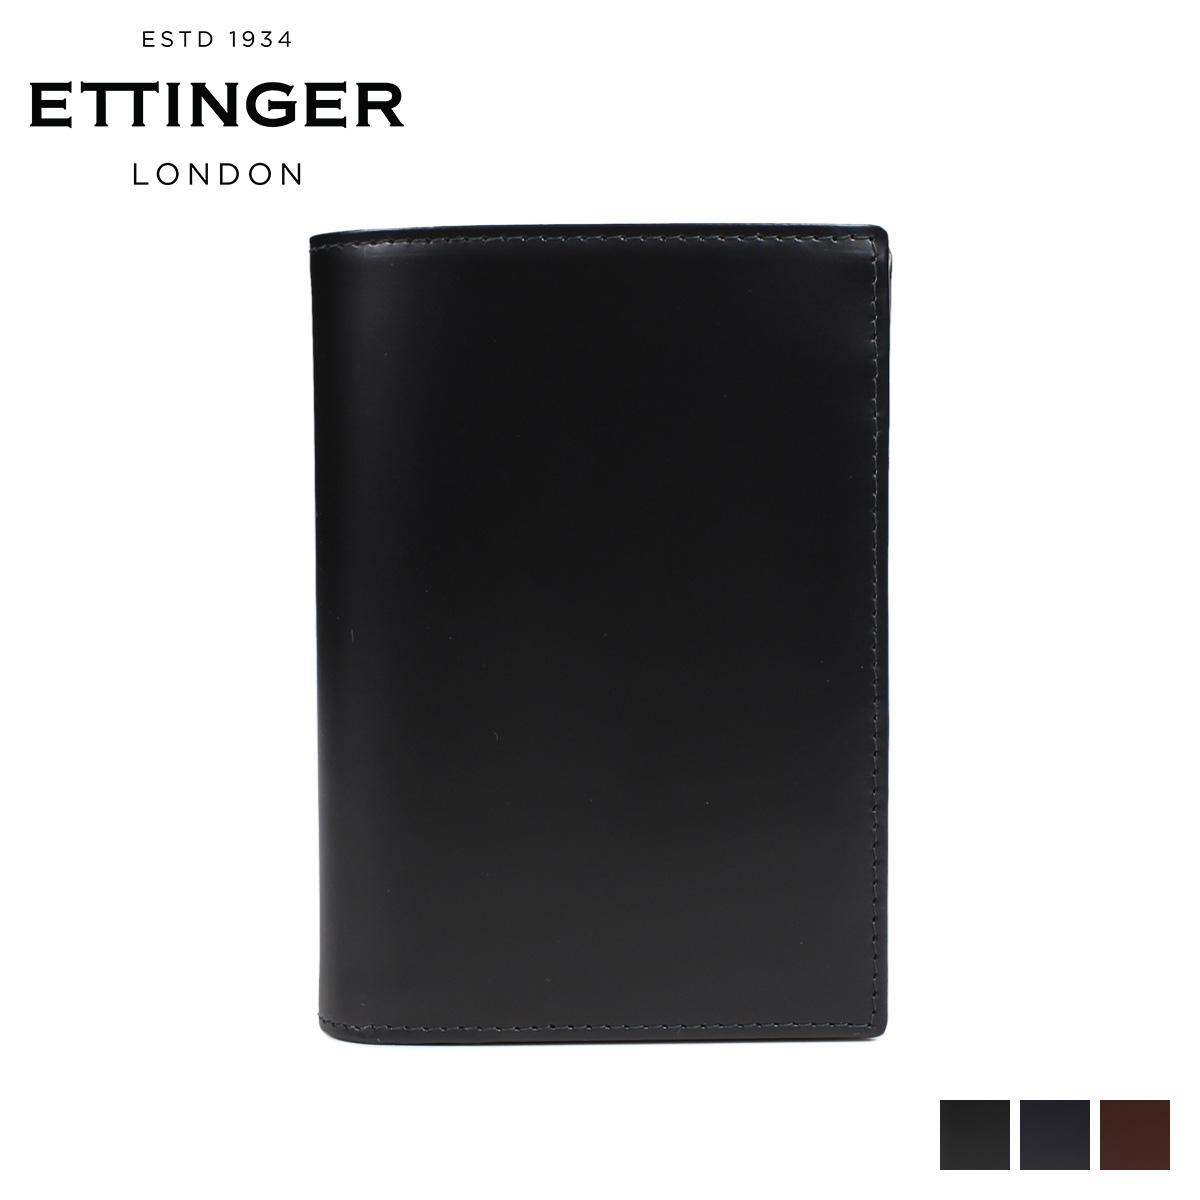 ETTINGER エッティンガー 財布 二つ折り メンズ レザー PURSE NOTECASE WITH 4 CC SLOTS ブラック ネイビー ブラウン 黒 BH179JR